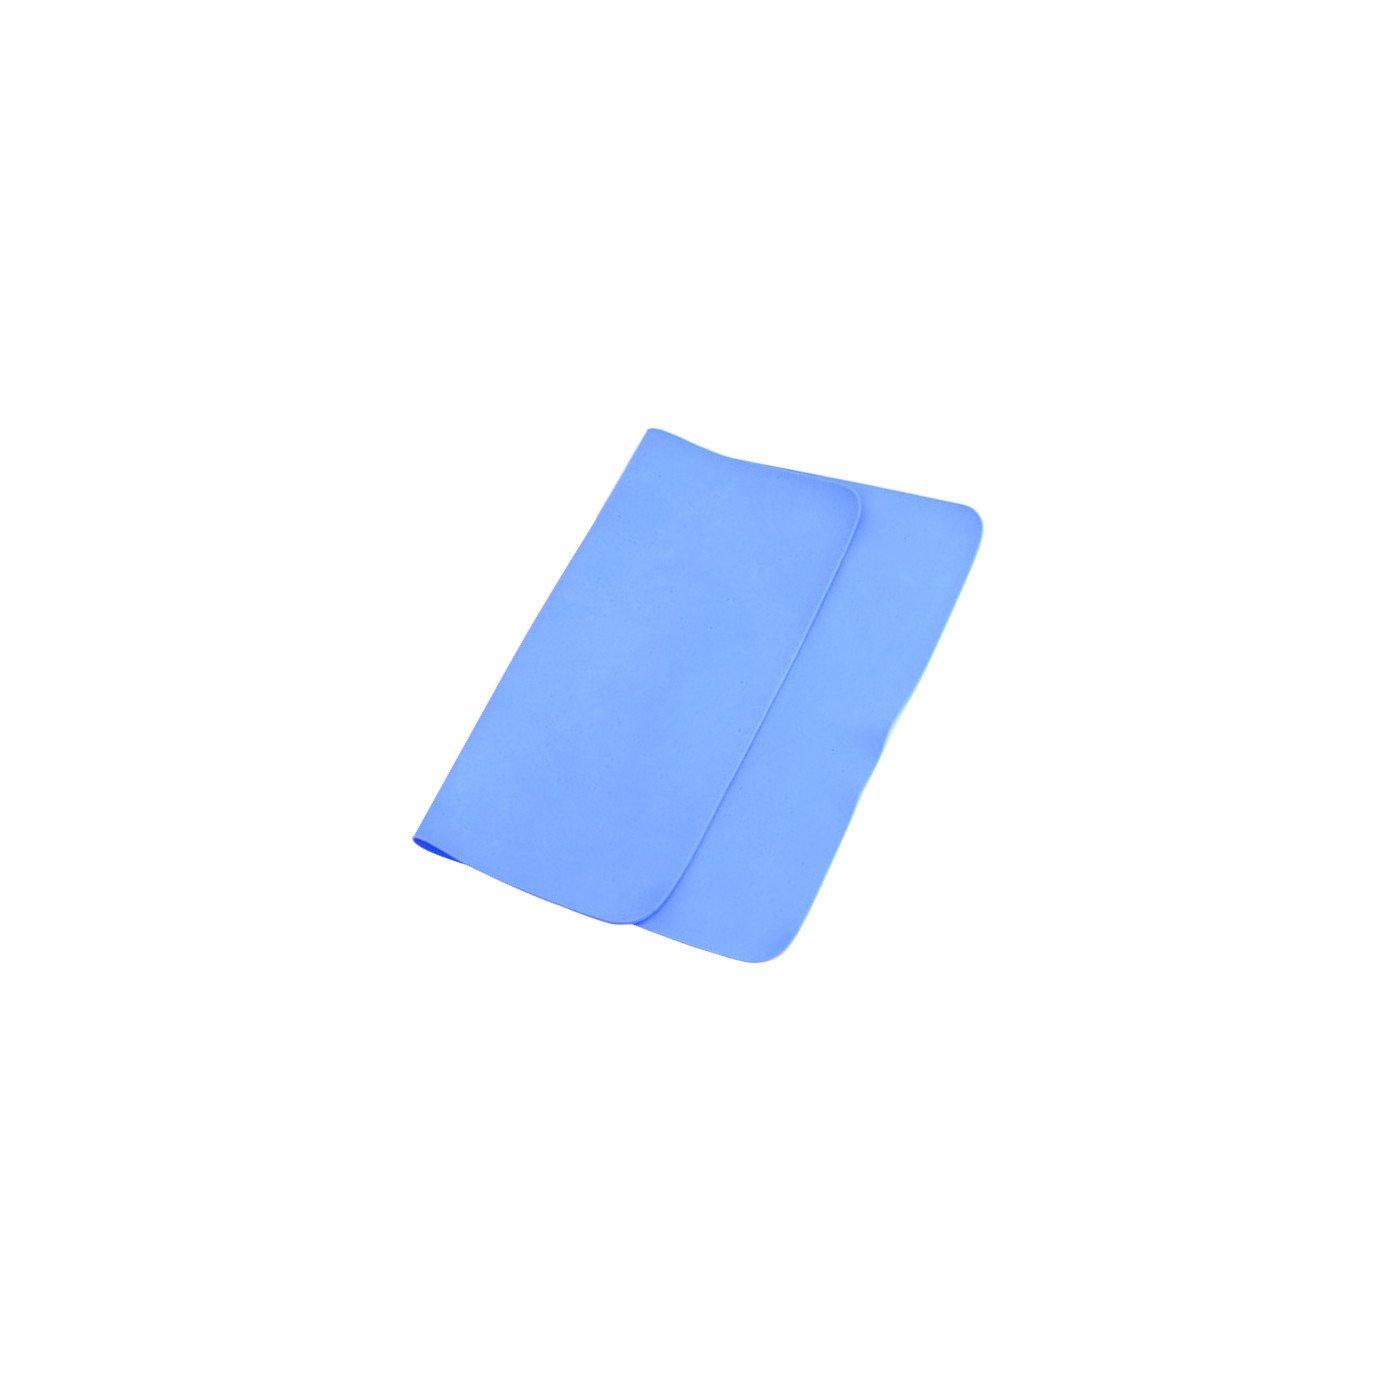 OUNONA Asciugamano per camicie dimitazione Asciugamano assorbente Asciugamano per pulizia Asciugamano Asciugamano Asciugamano